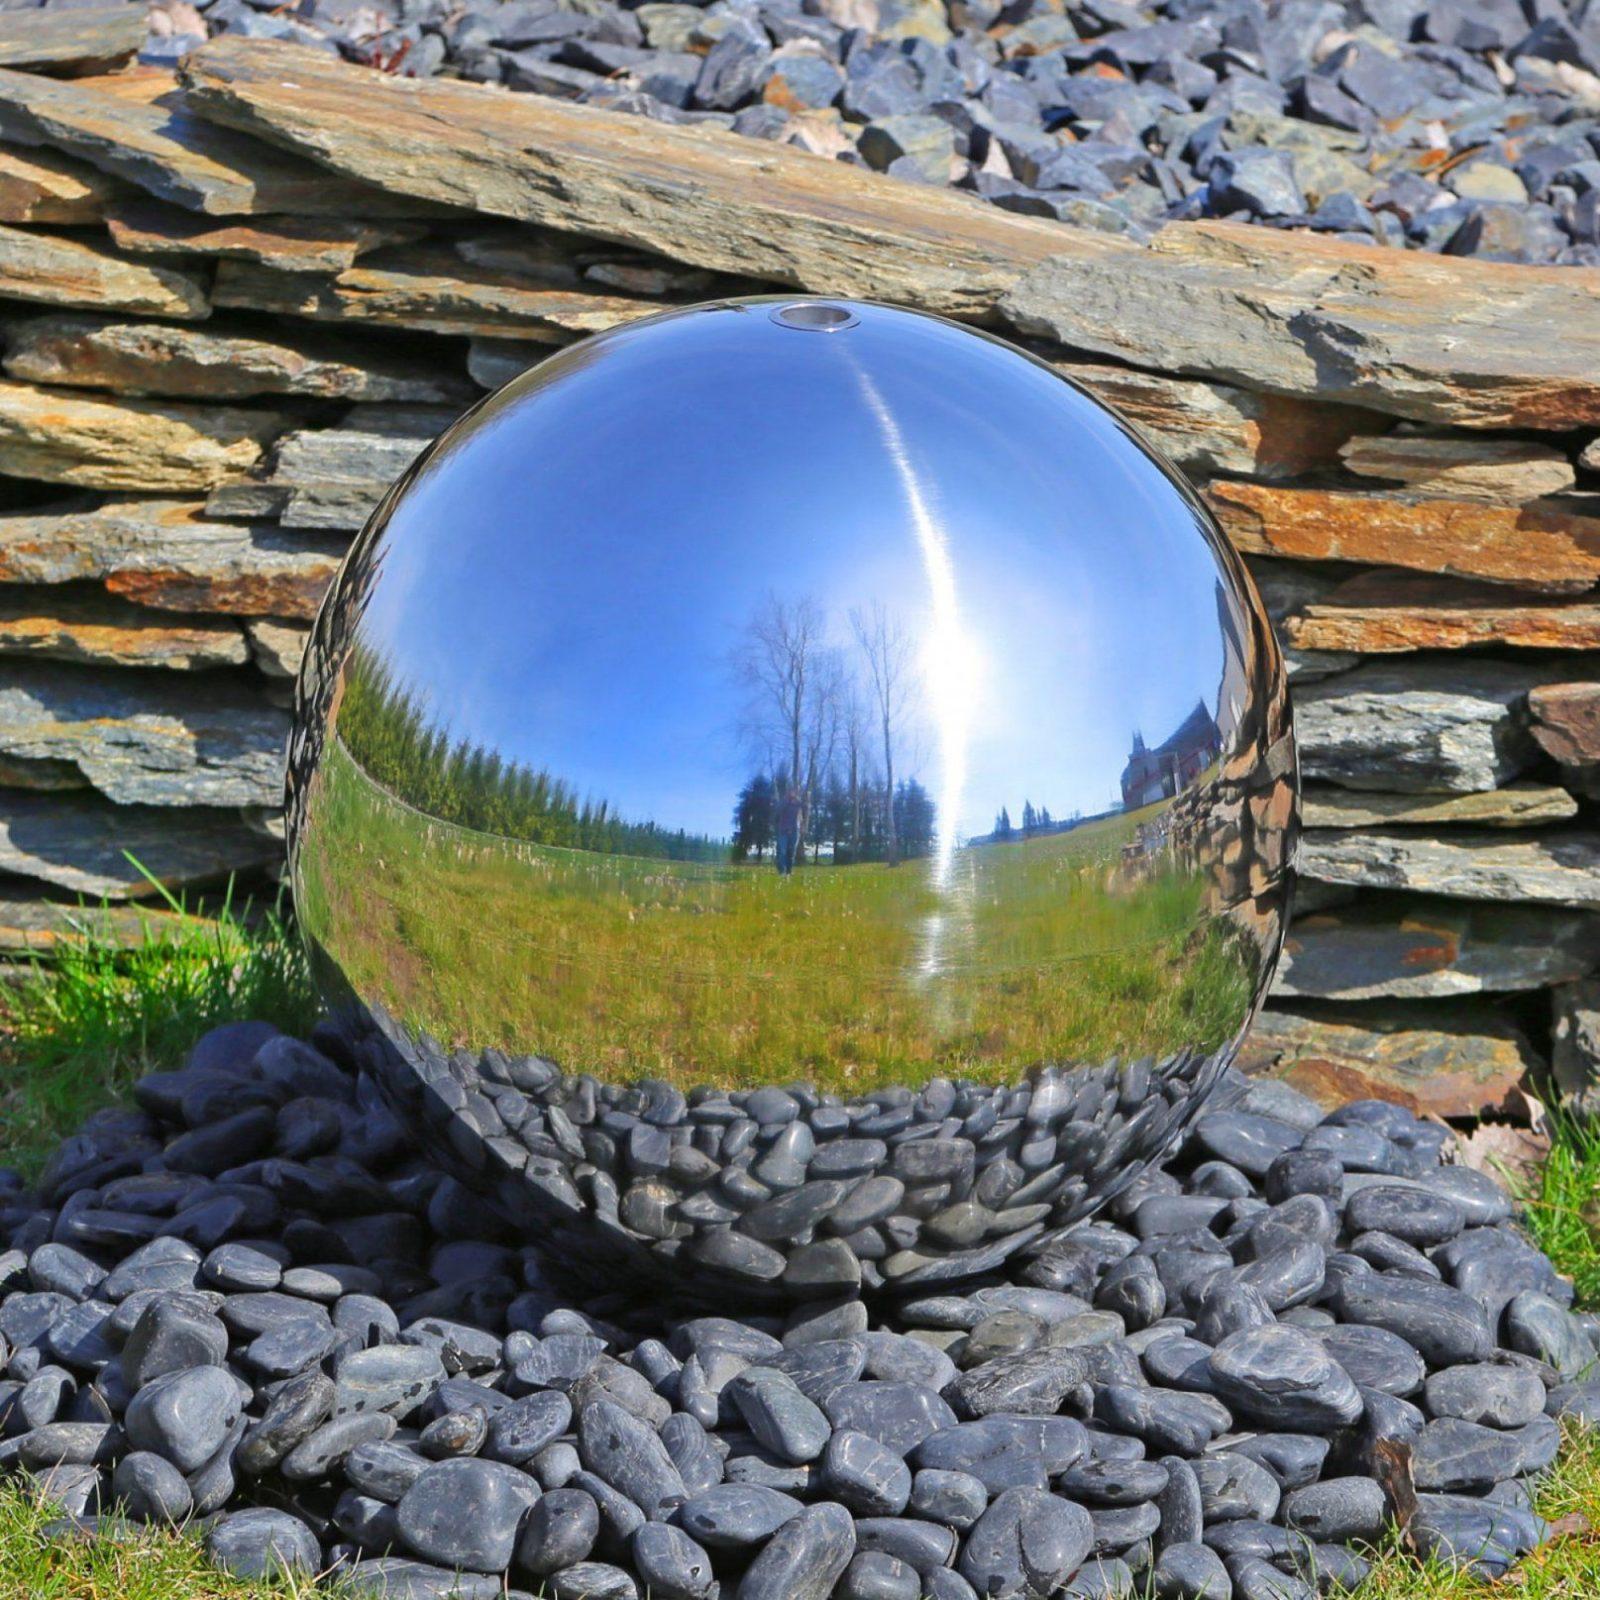 Große Kugel 48Cm Für Springbrunnenbau Mit Led Beleuchtung Wasserspiel von Gartenbrunnen Edelstahl Mit Beleuchtung Photo